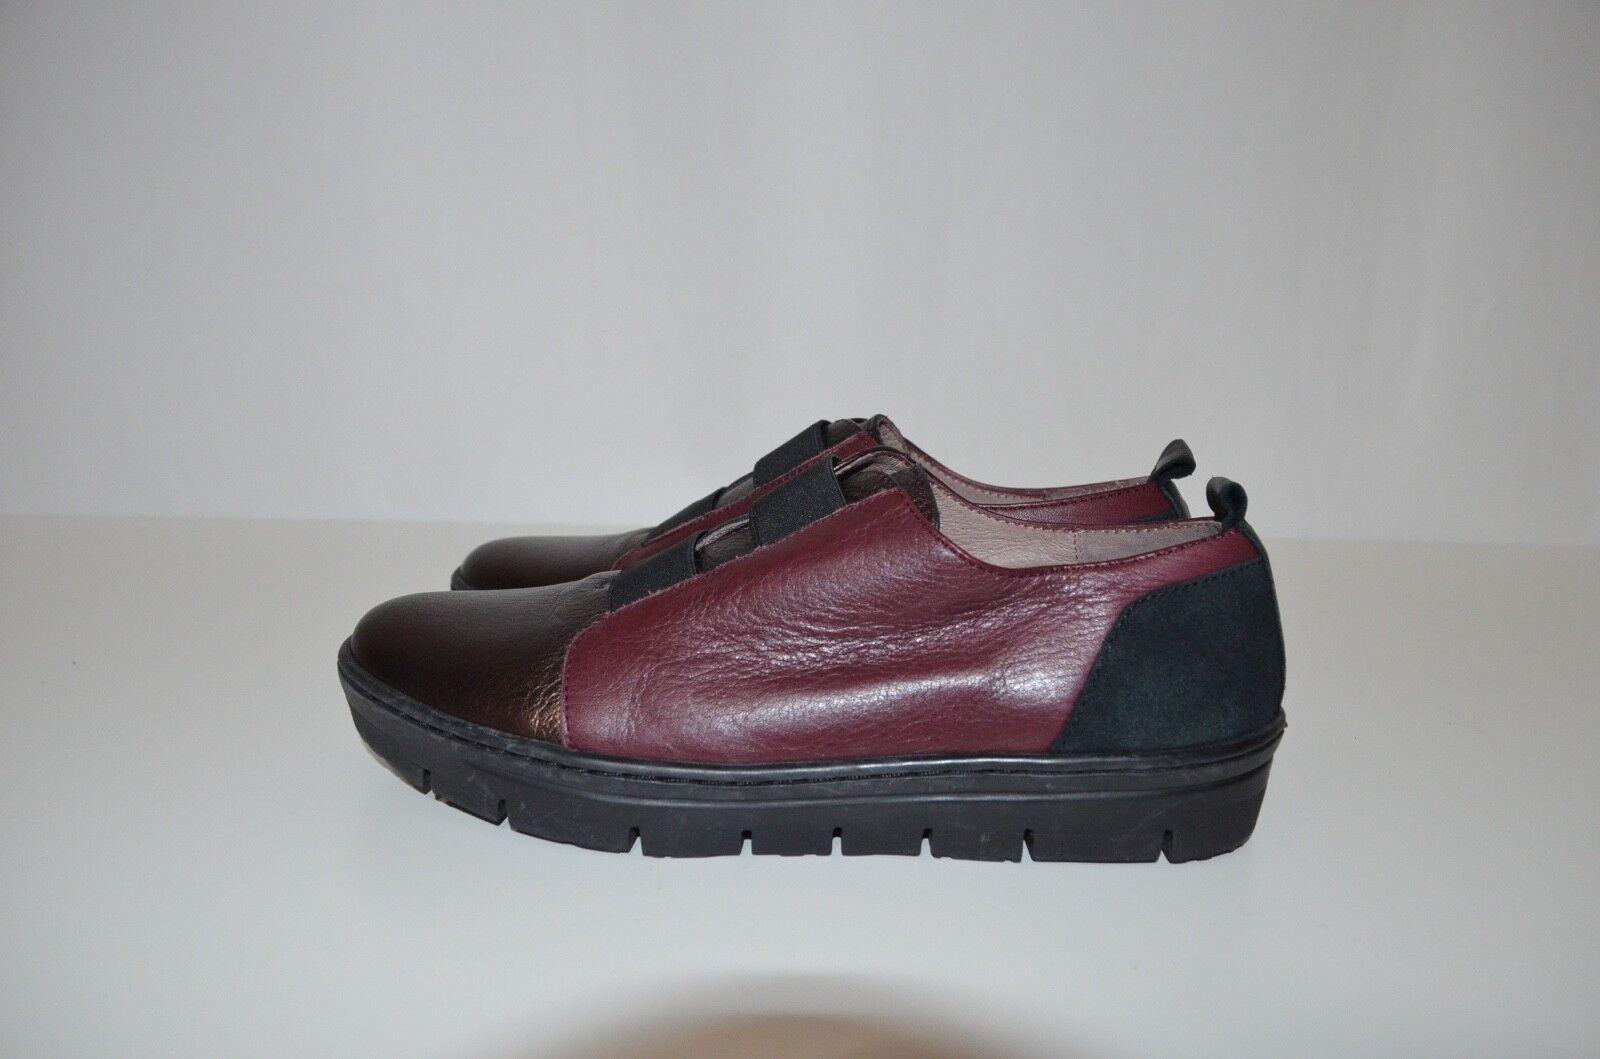 New Wonders Love Leder Sneaker Made with Love Wonders in Spain Memory Gel Größe 35 36 0a690f